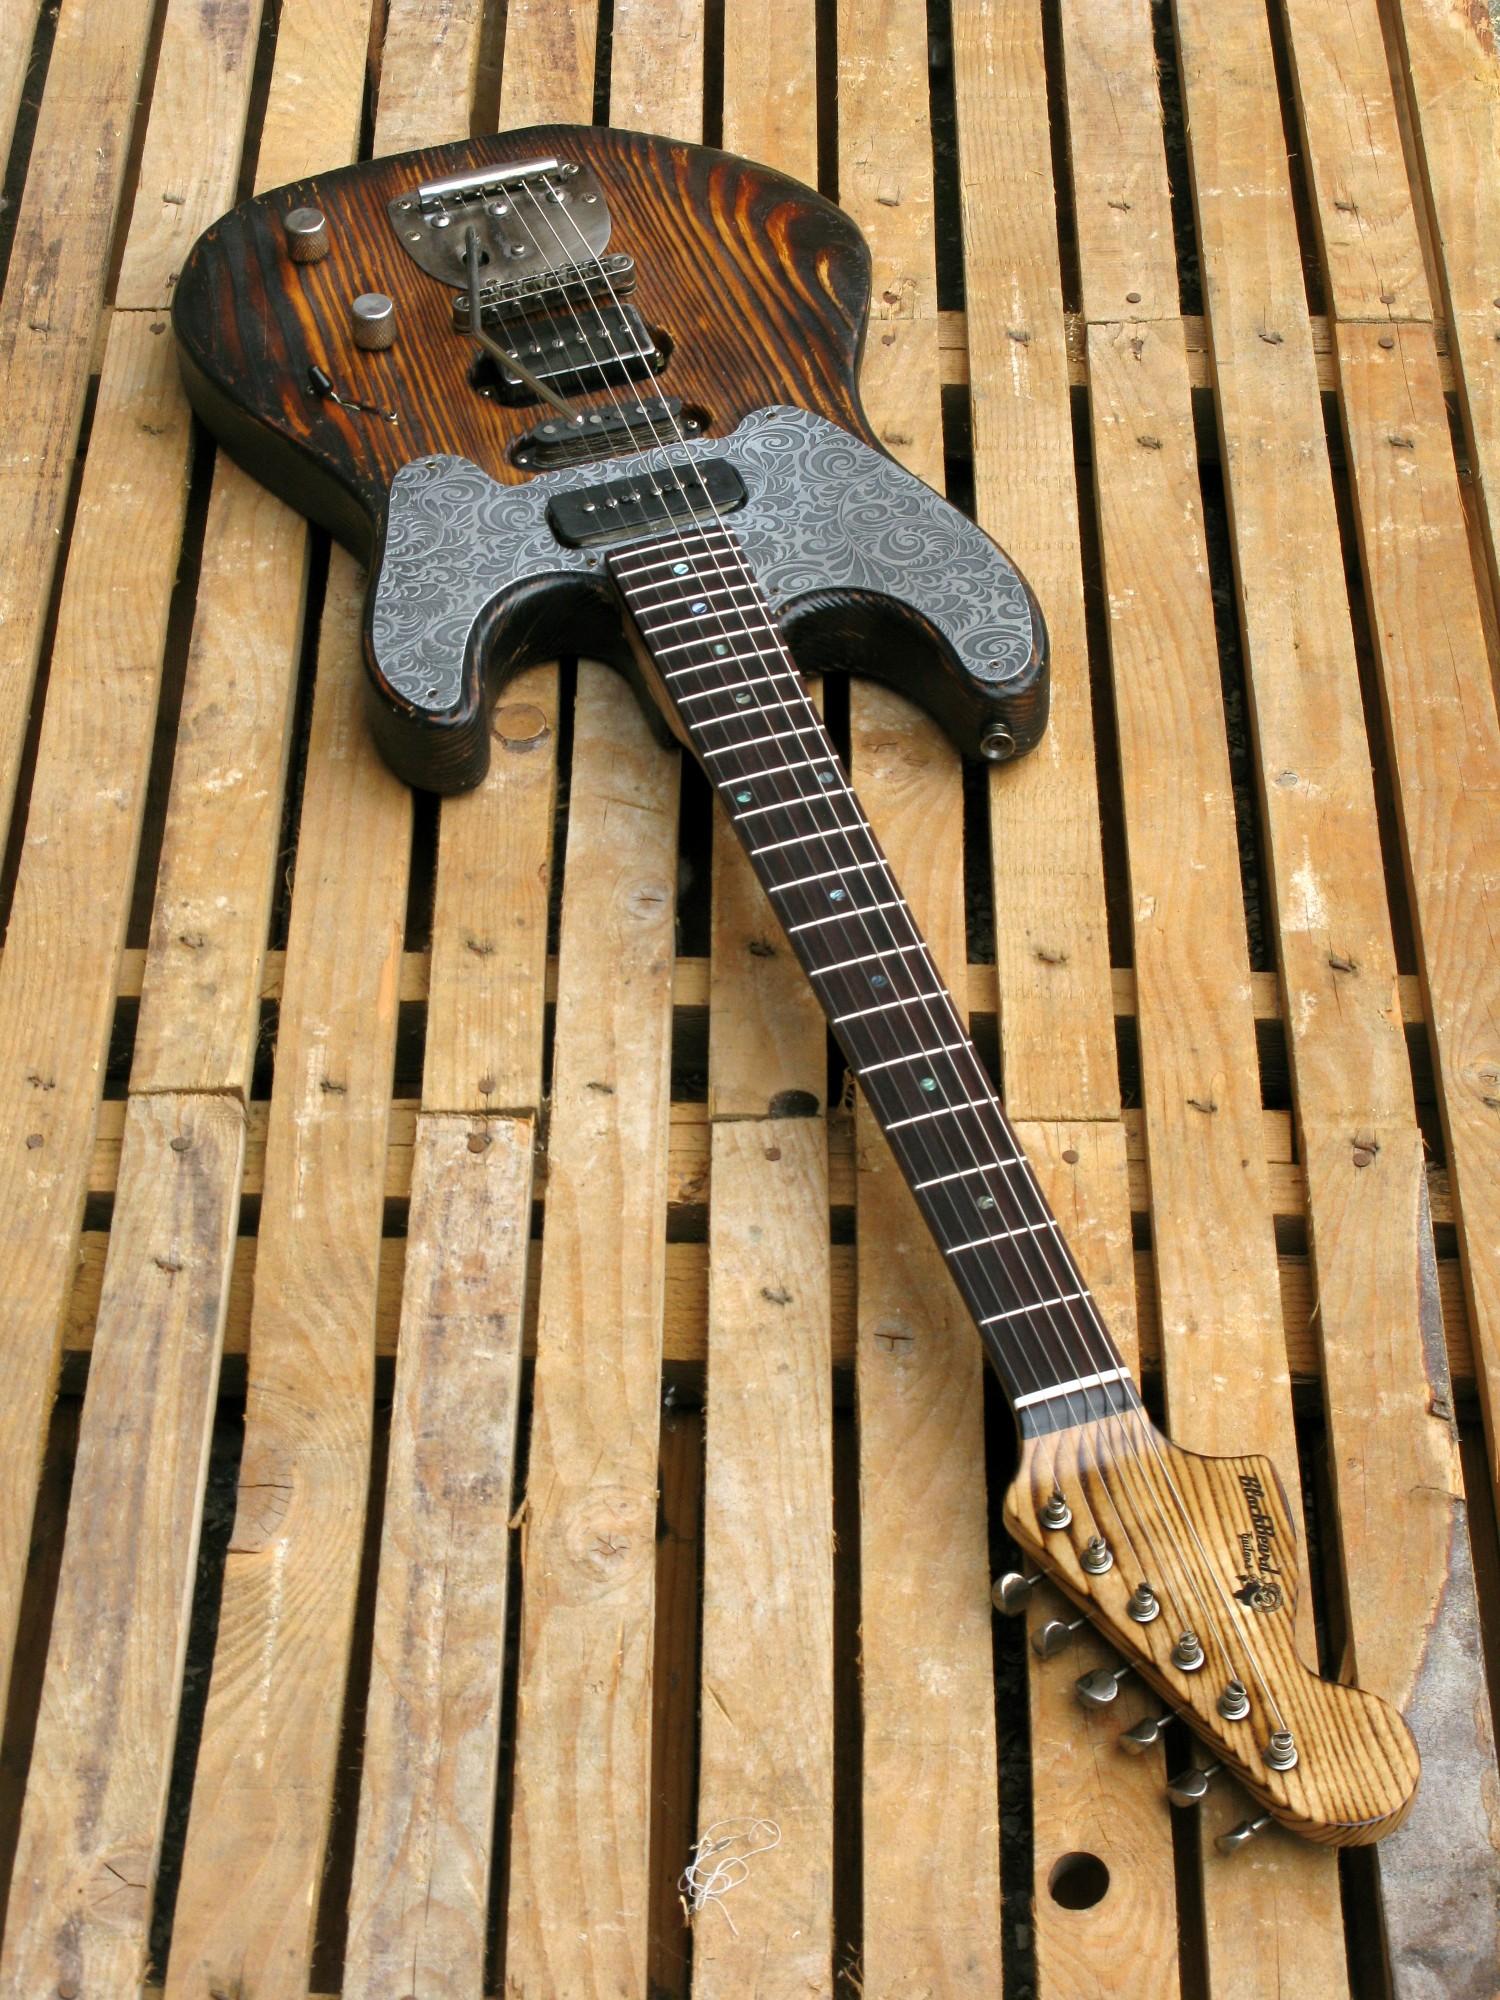 Chitarra modello Stratocaster, body in pino, manico in frassino, reverse: totale